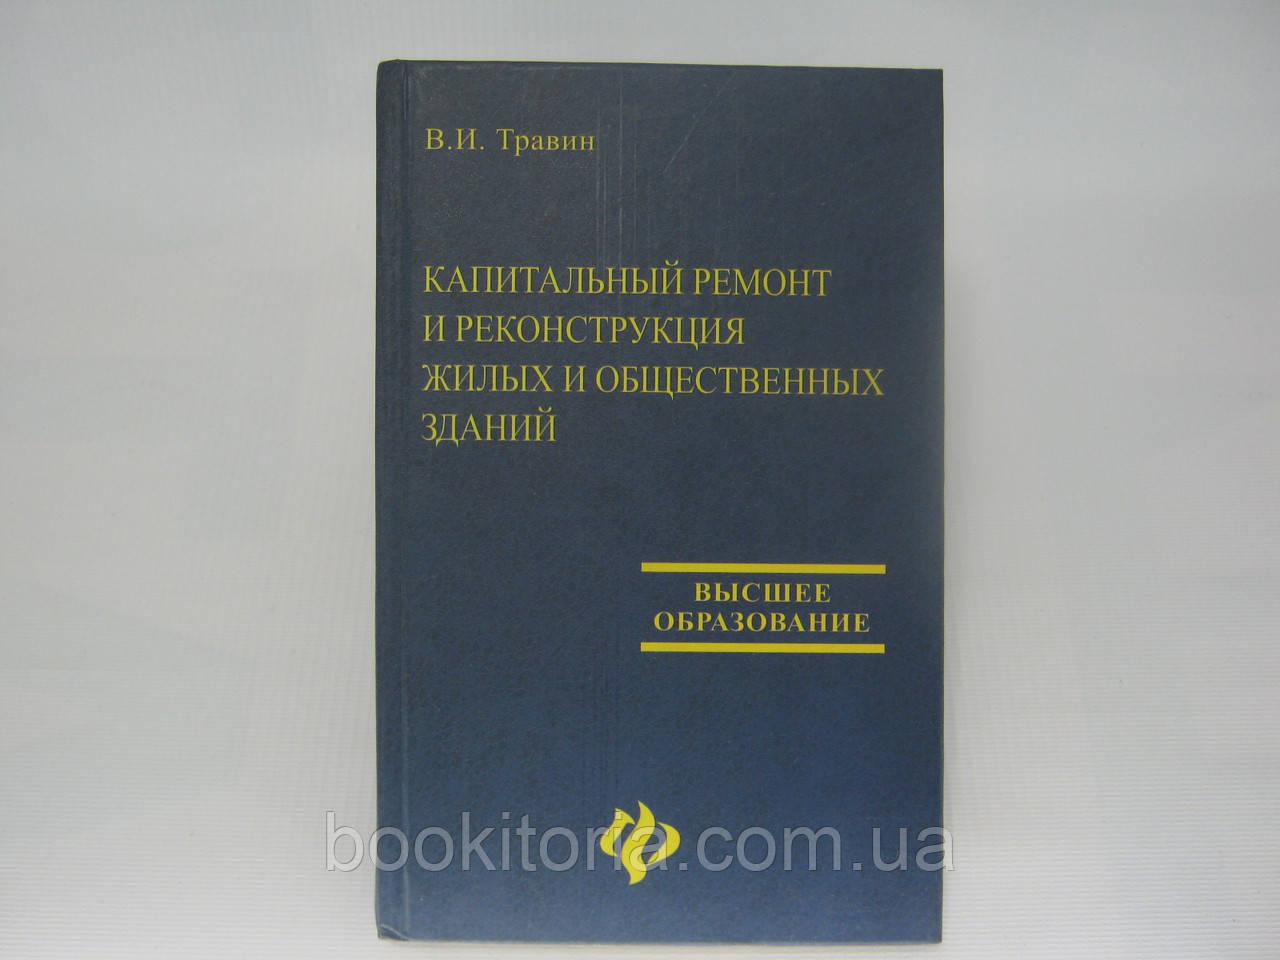 Травин В.И. Капитальный ремонт и реконструкция жилых и общественных зданий (б/у).